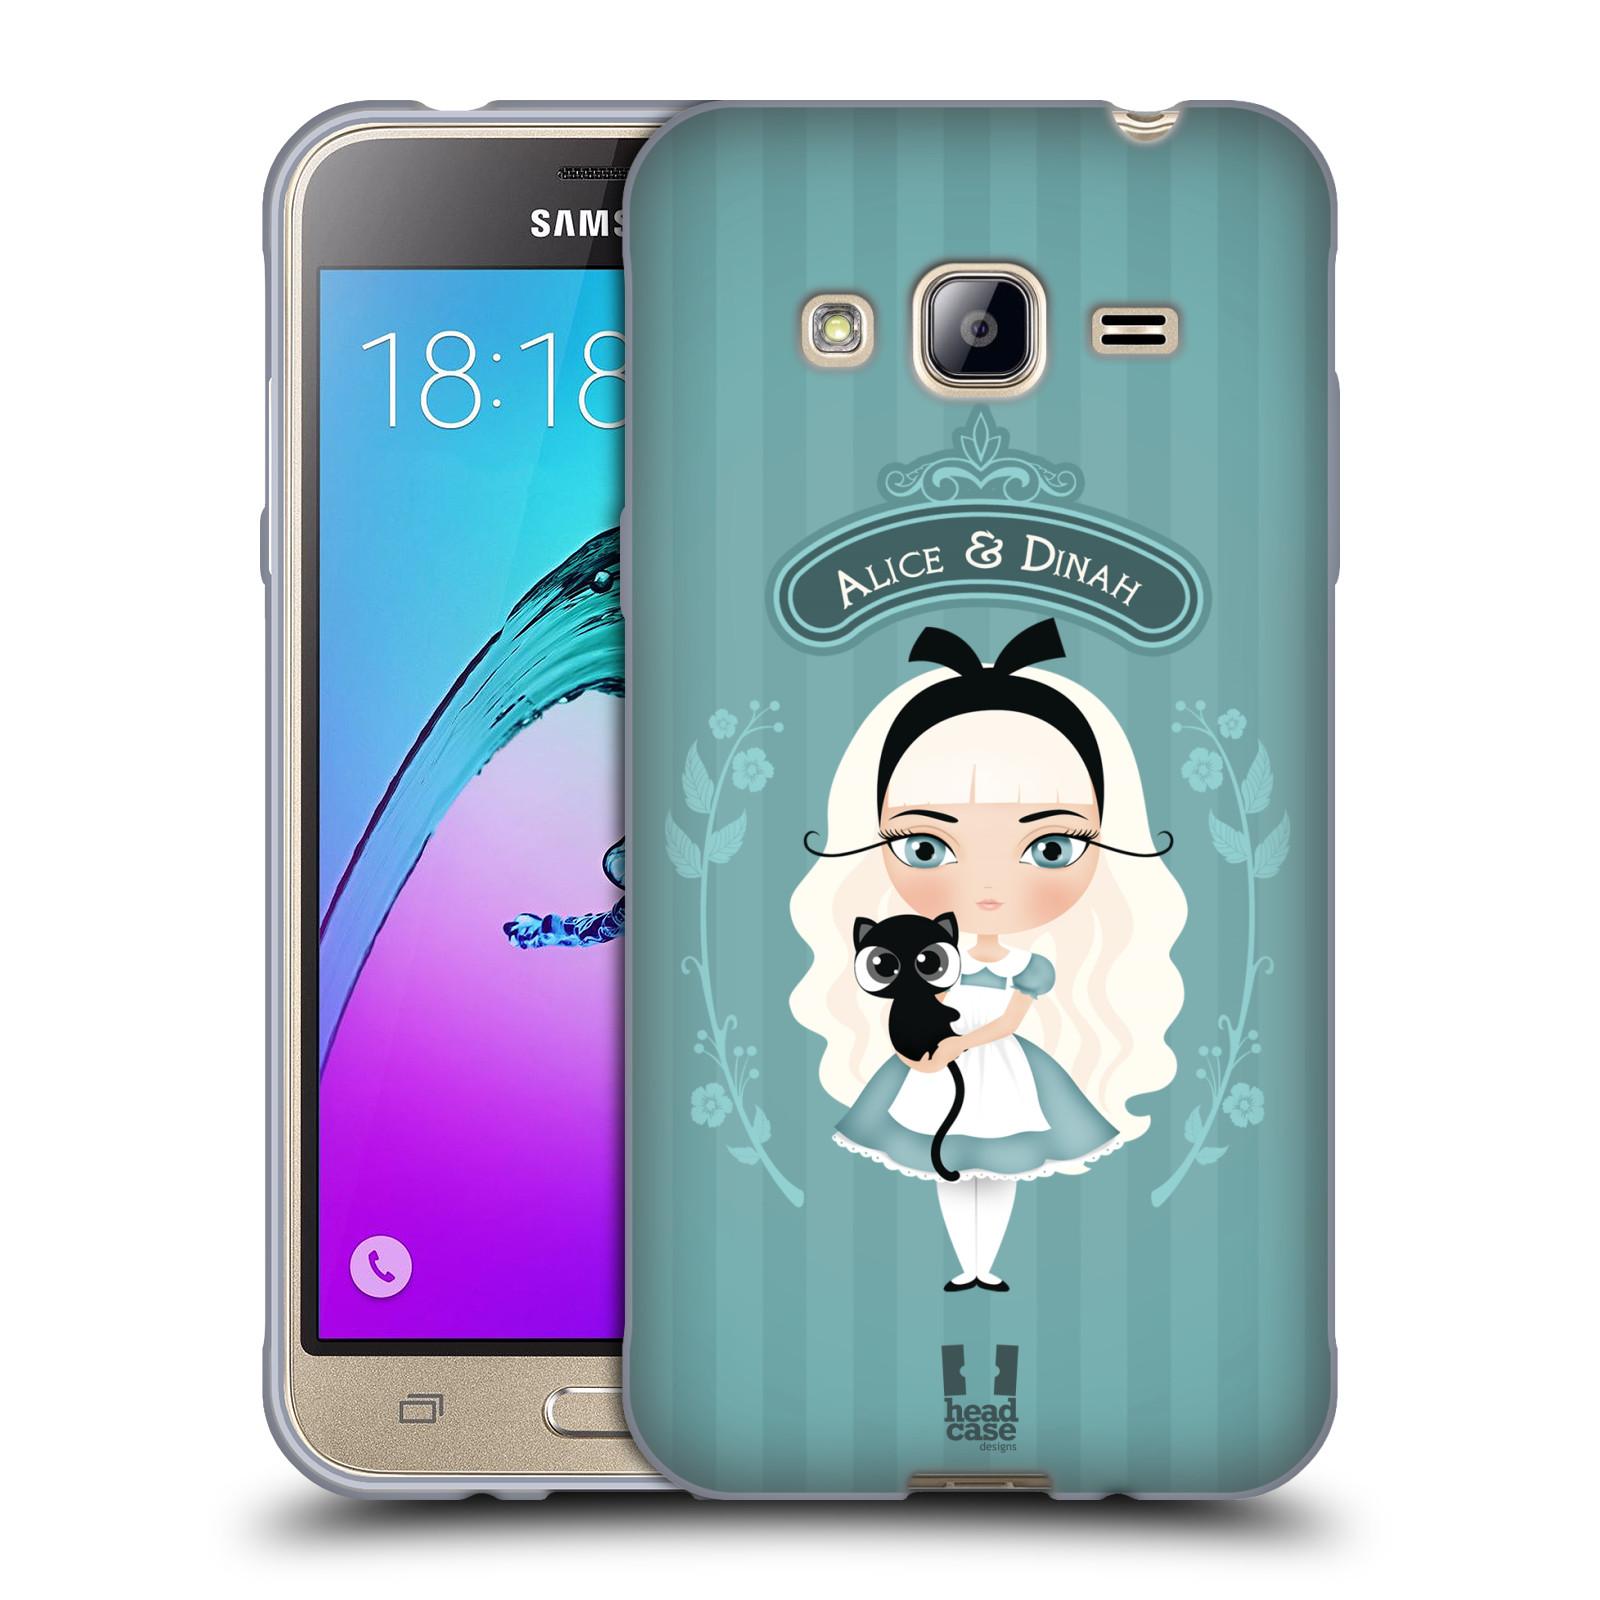 HEAD CASE silikonový obal na mobil Samsung Galaxy J3, J3 2016 vzor Alenka v říši divů Alenka